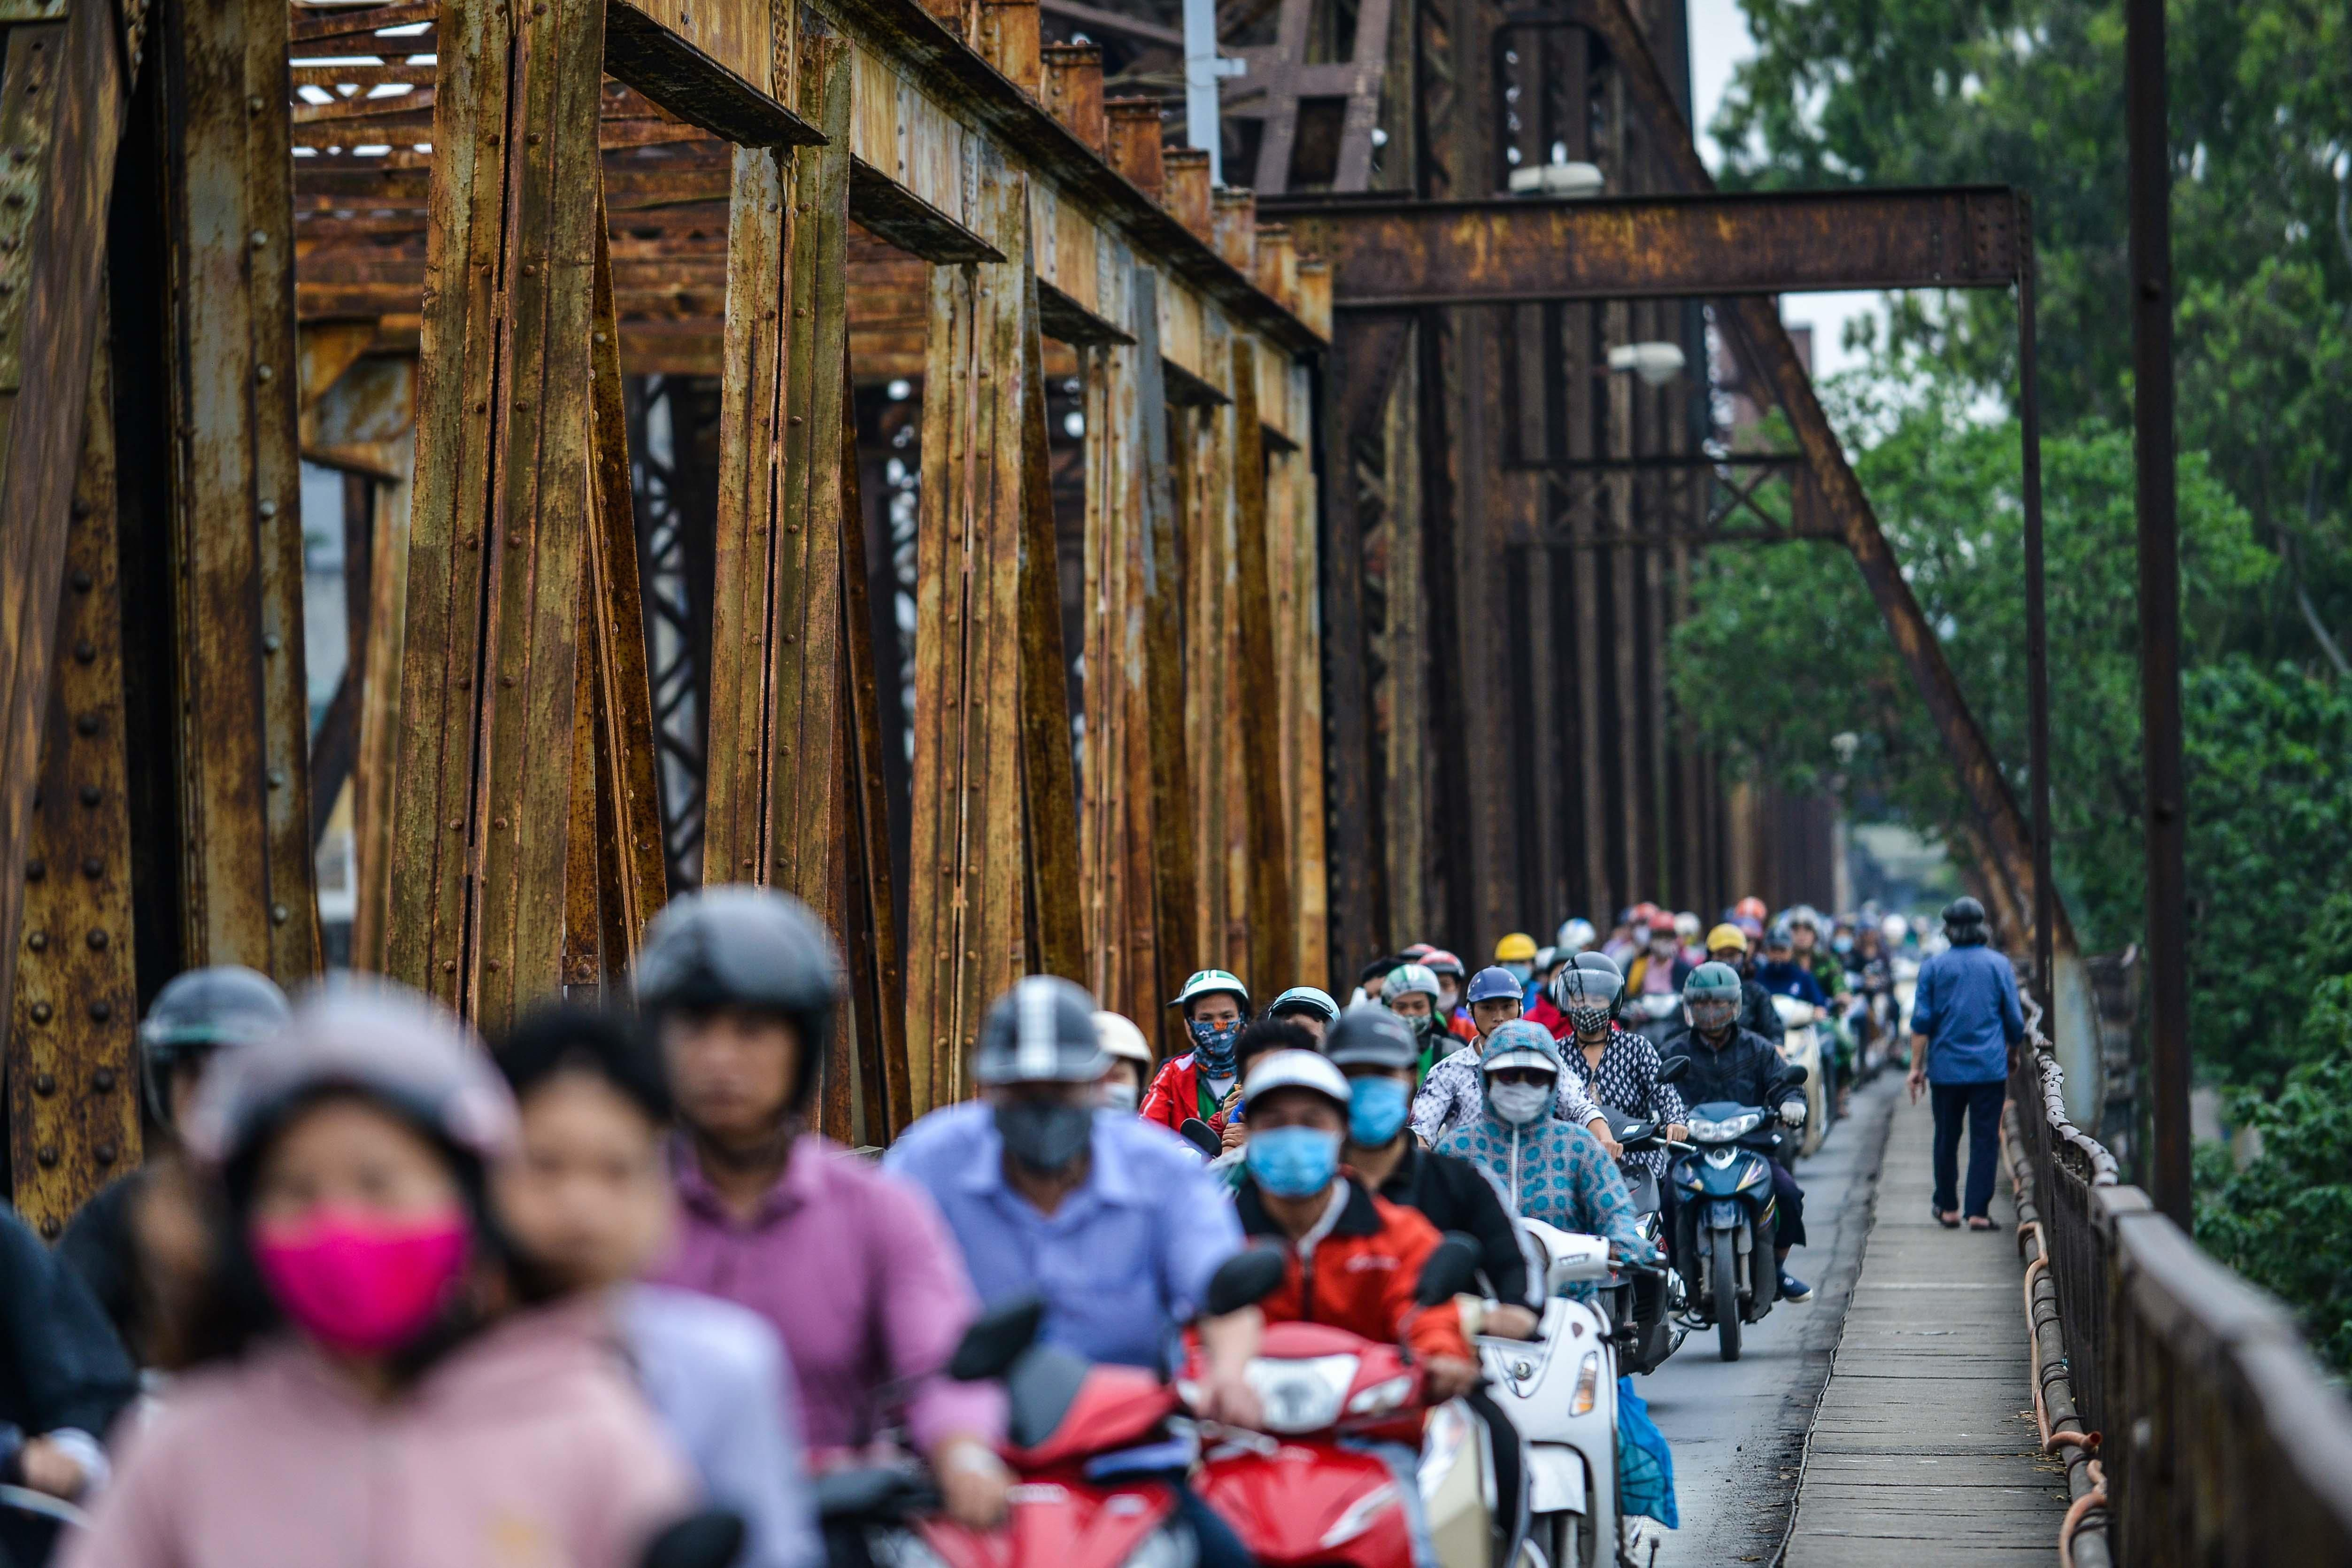 Cầu Long Biên thành chợ cóc, giao thông ùn ứ Ảnh 1